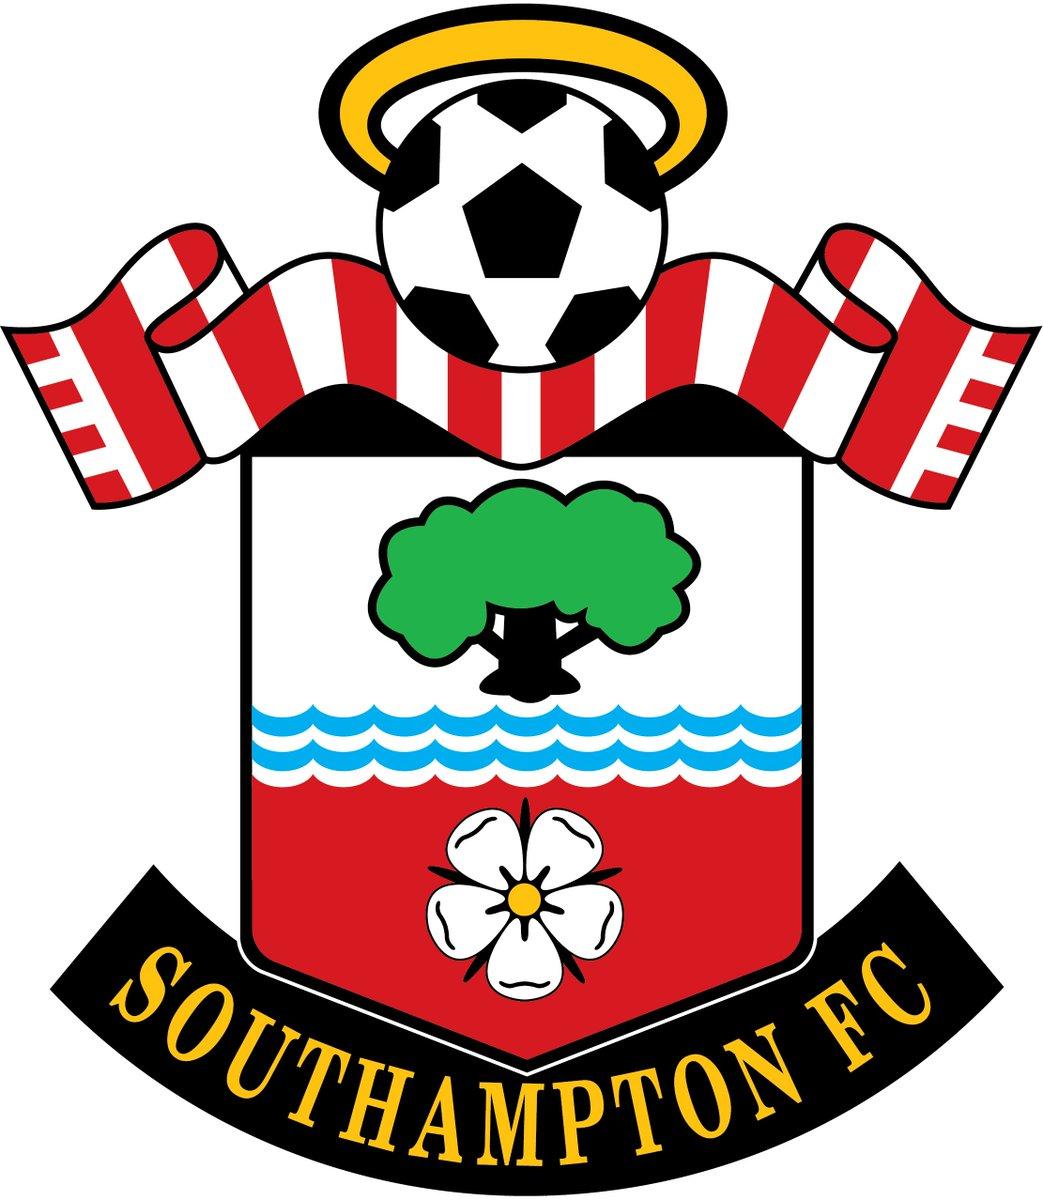 Southampton uk strip clubs